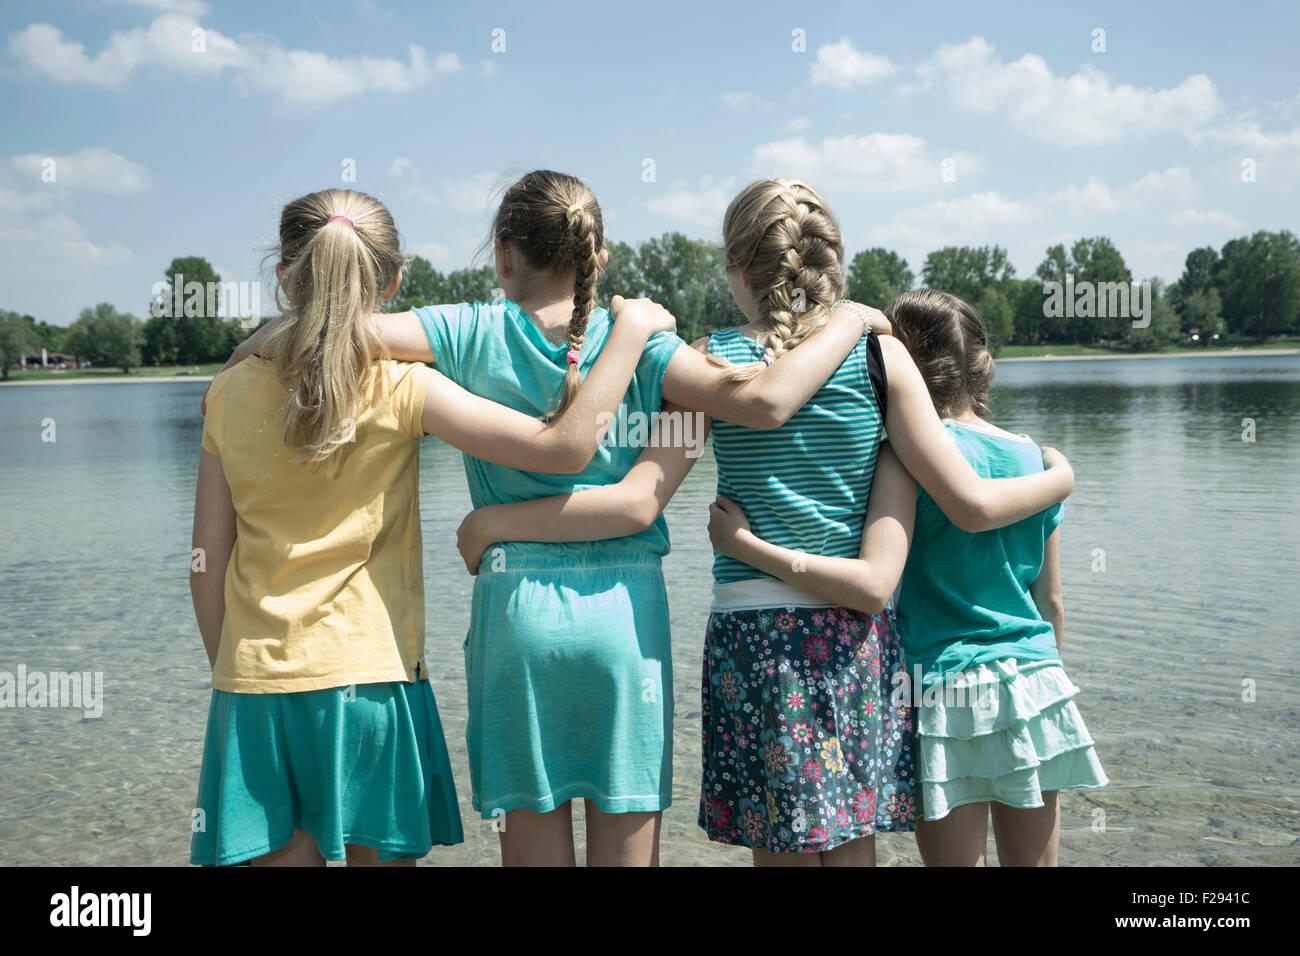 Groupe d'amis debout dans le lac, Bavière, Allemagne Photo Stock